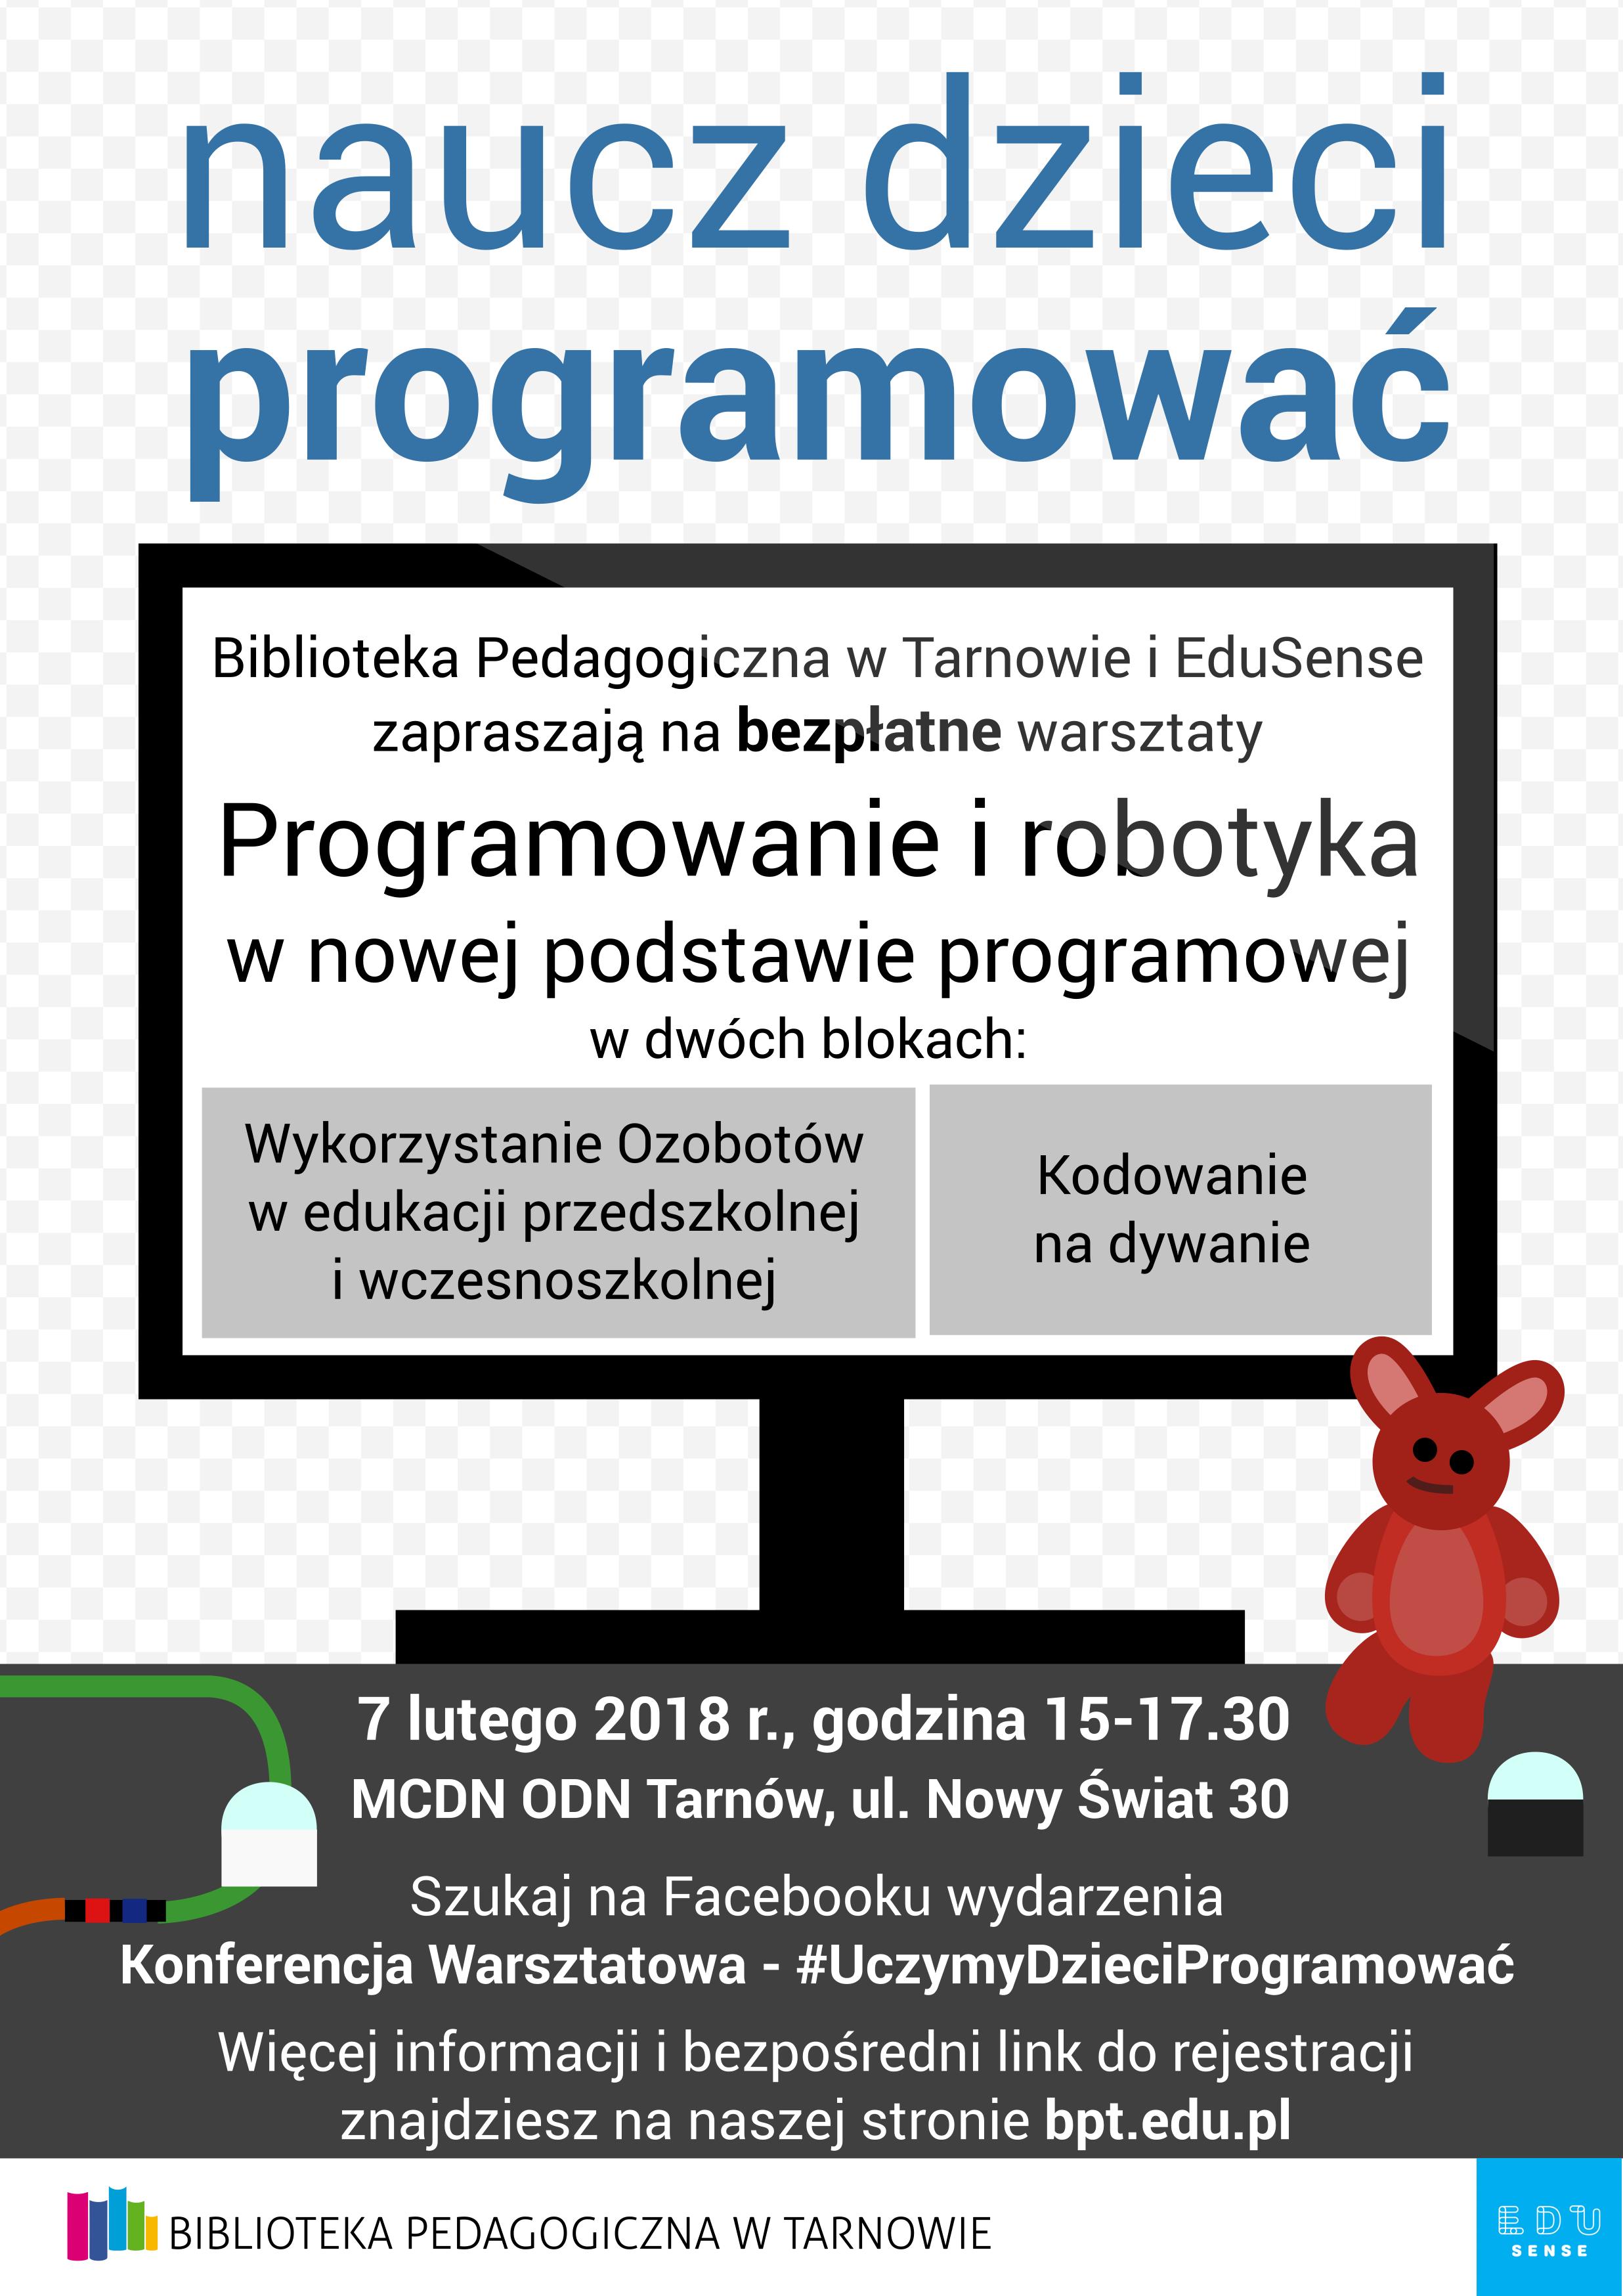 Konferencja Warsztatowa Uczymy Dzieci Programować